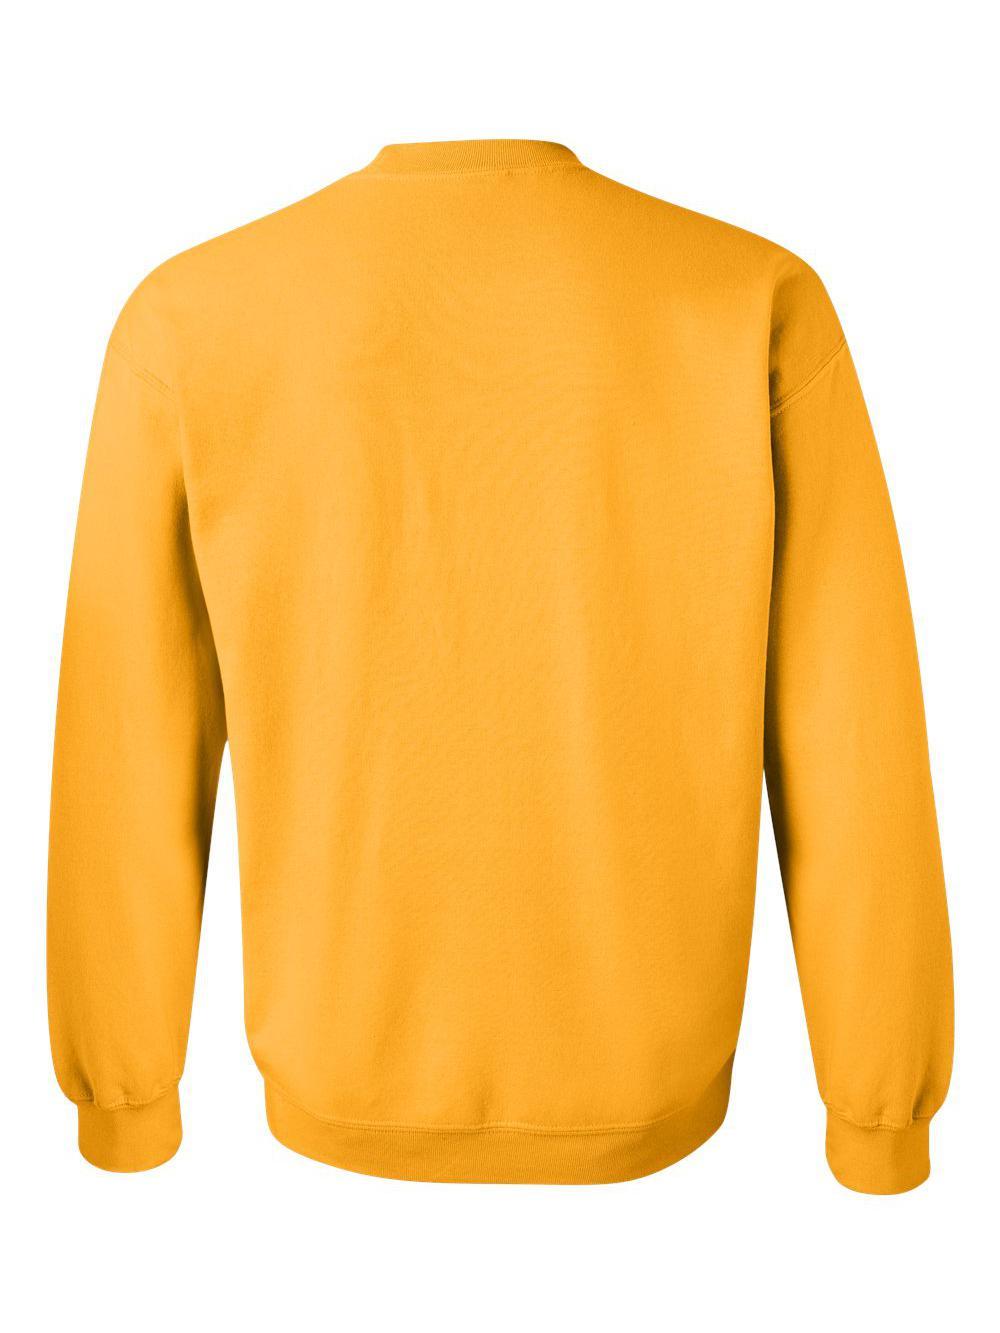 Gildan-Heavy-Blend-Crewneck-Sweatshirt-18000 thumbnail 39